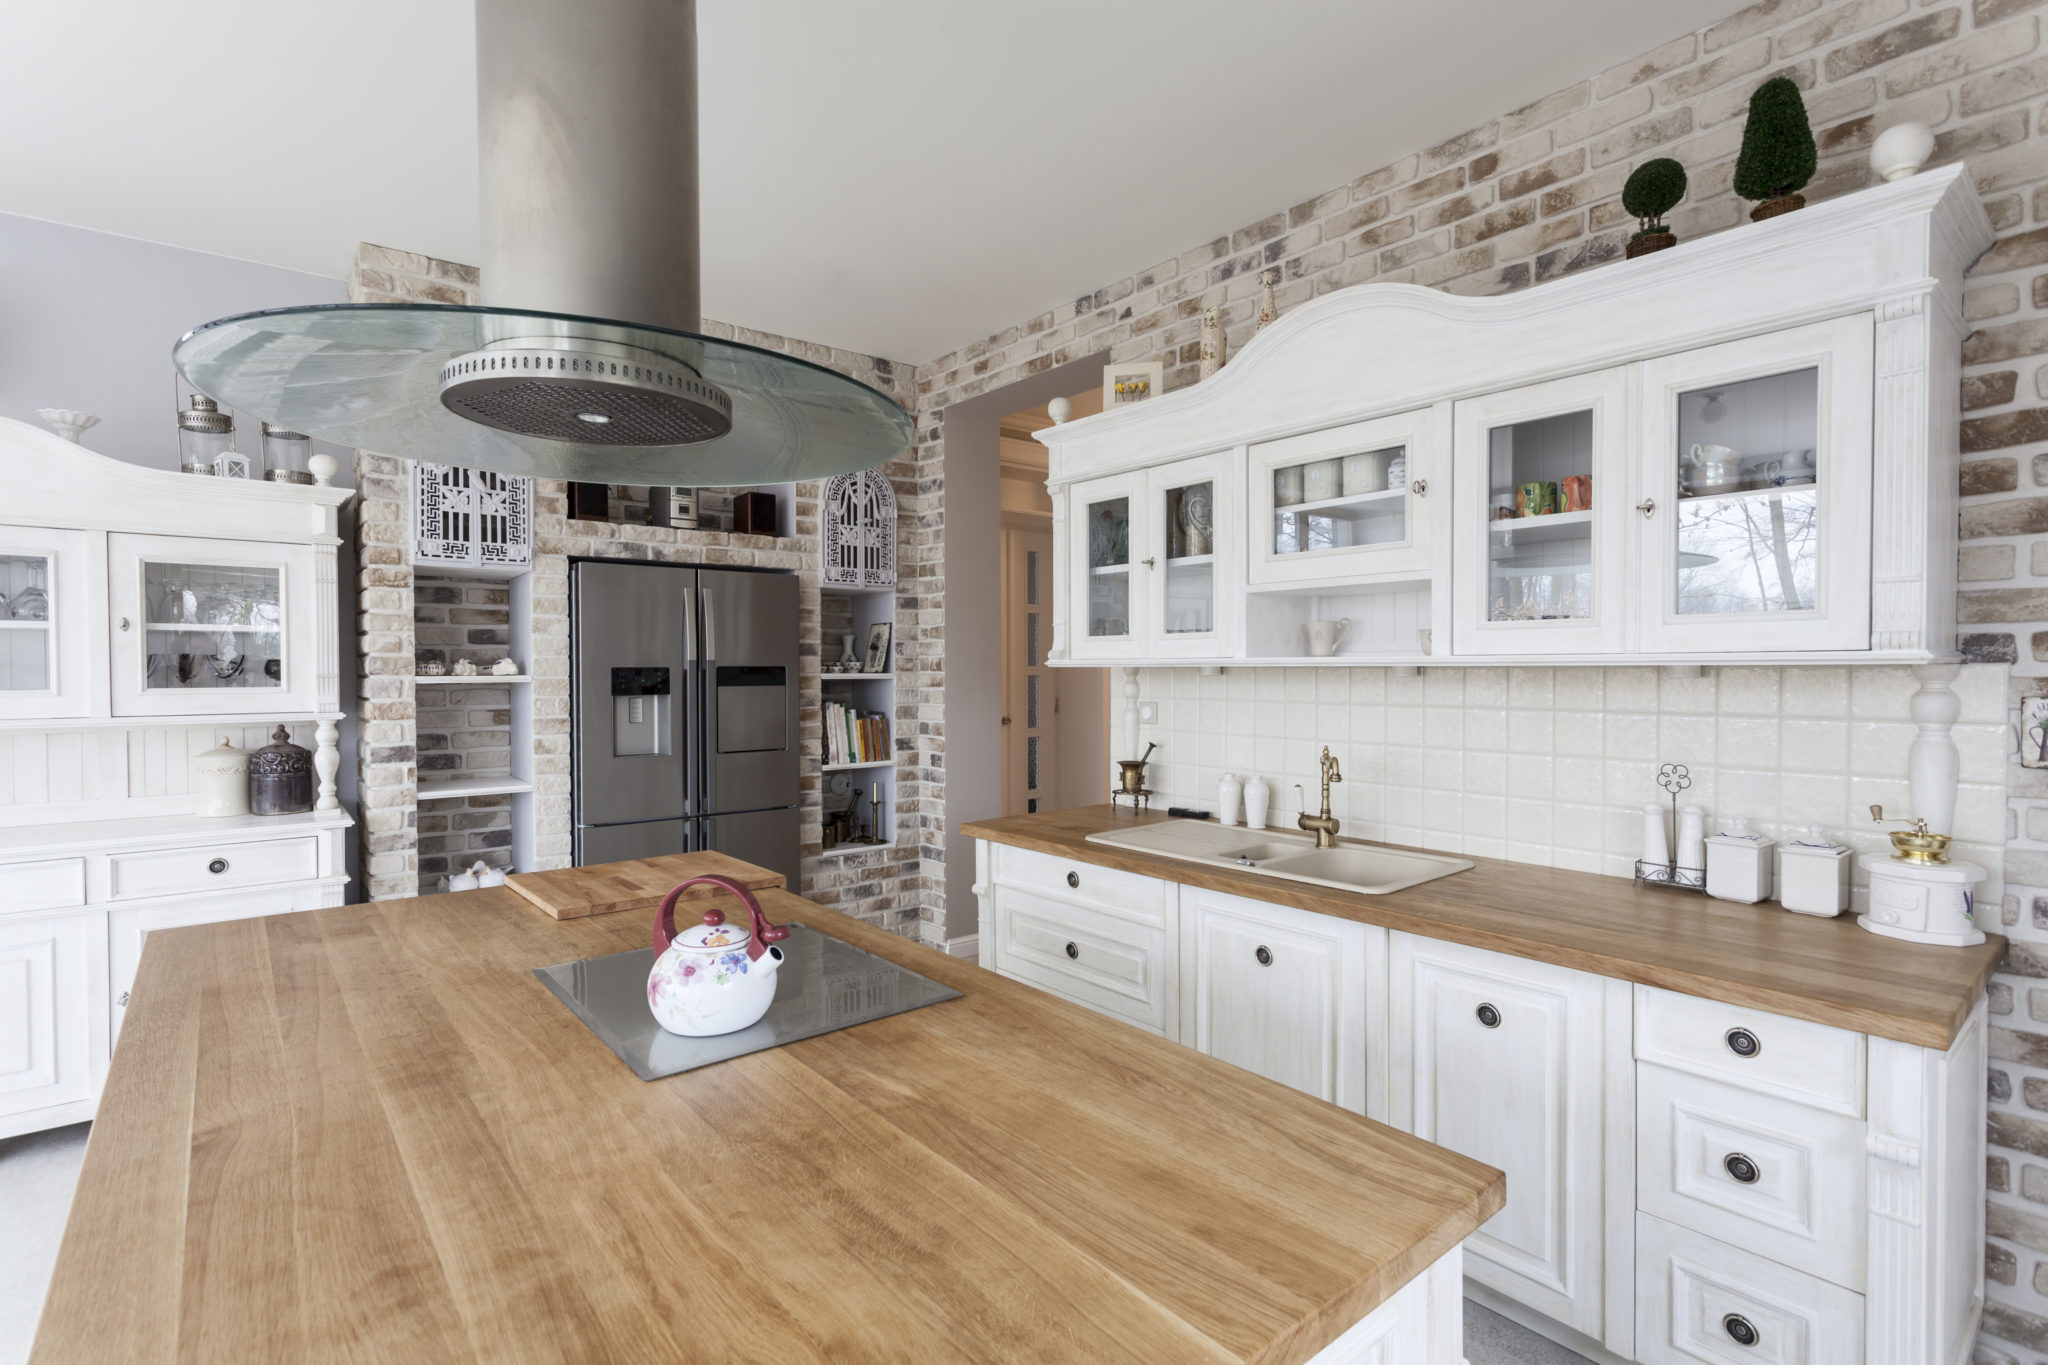 Kchentrends Bilder. The Kitchen Trends Of Will Require Plenty Of ...